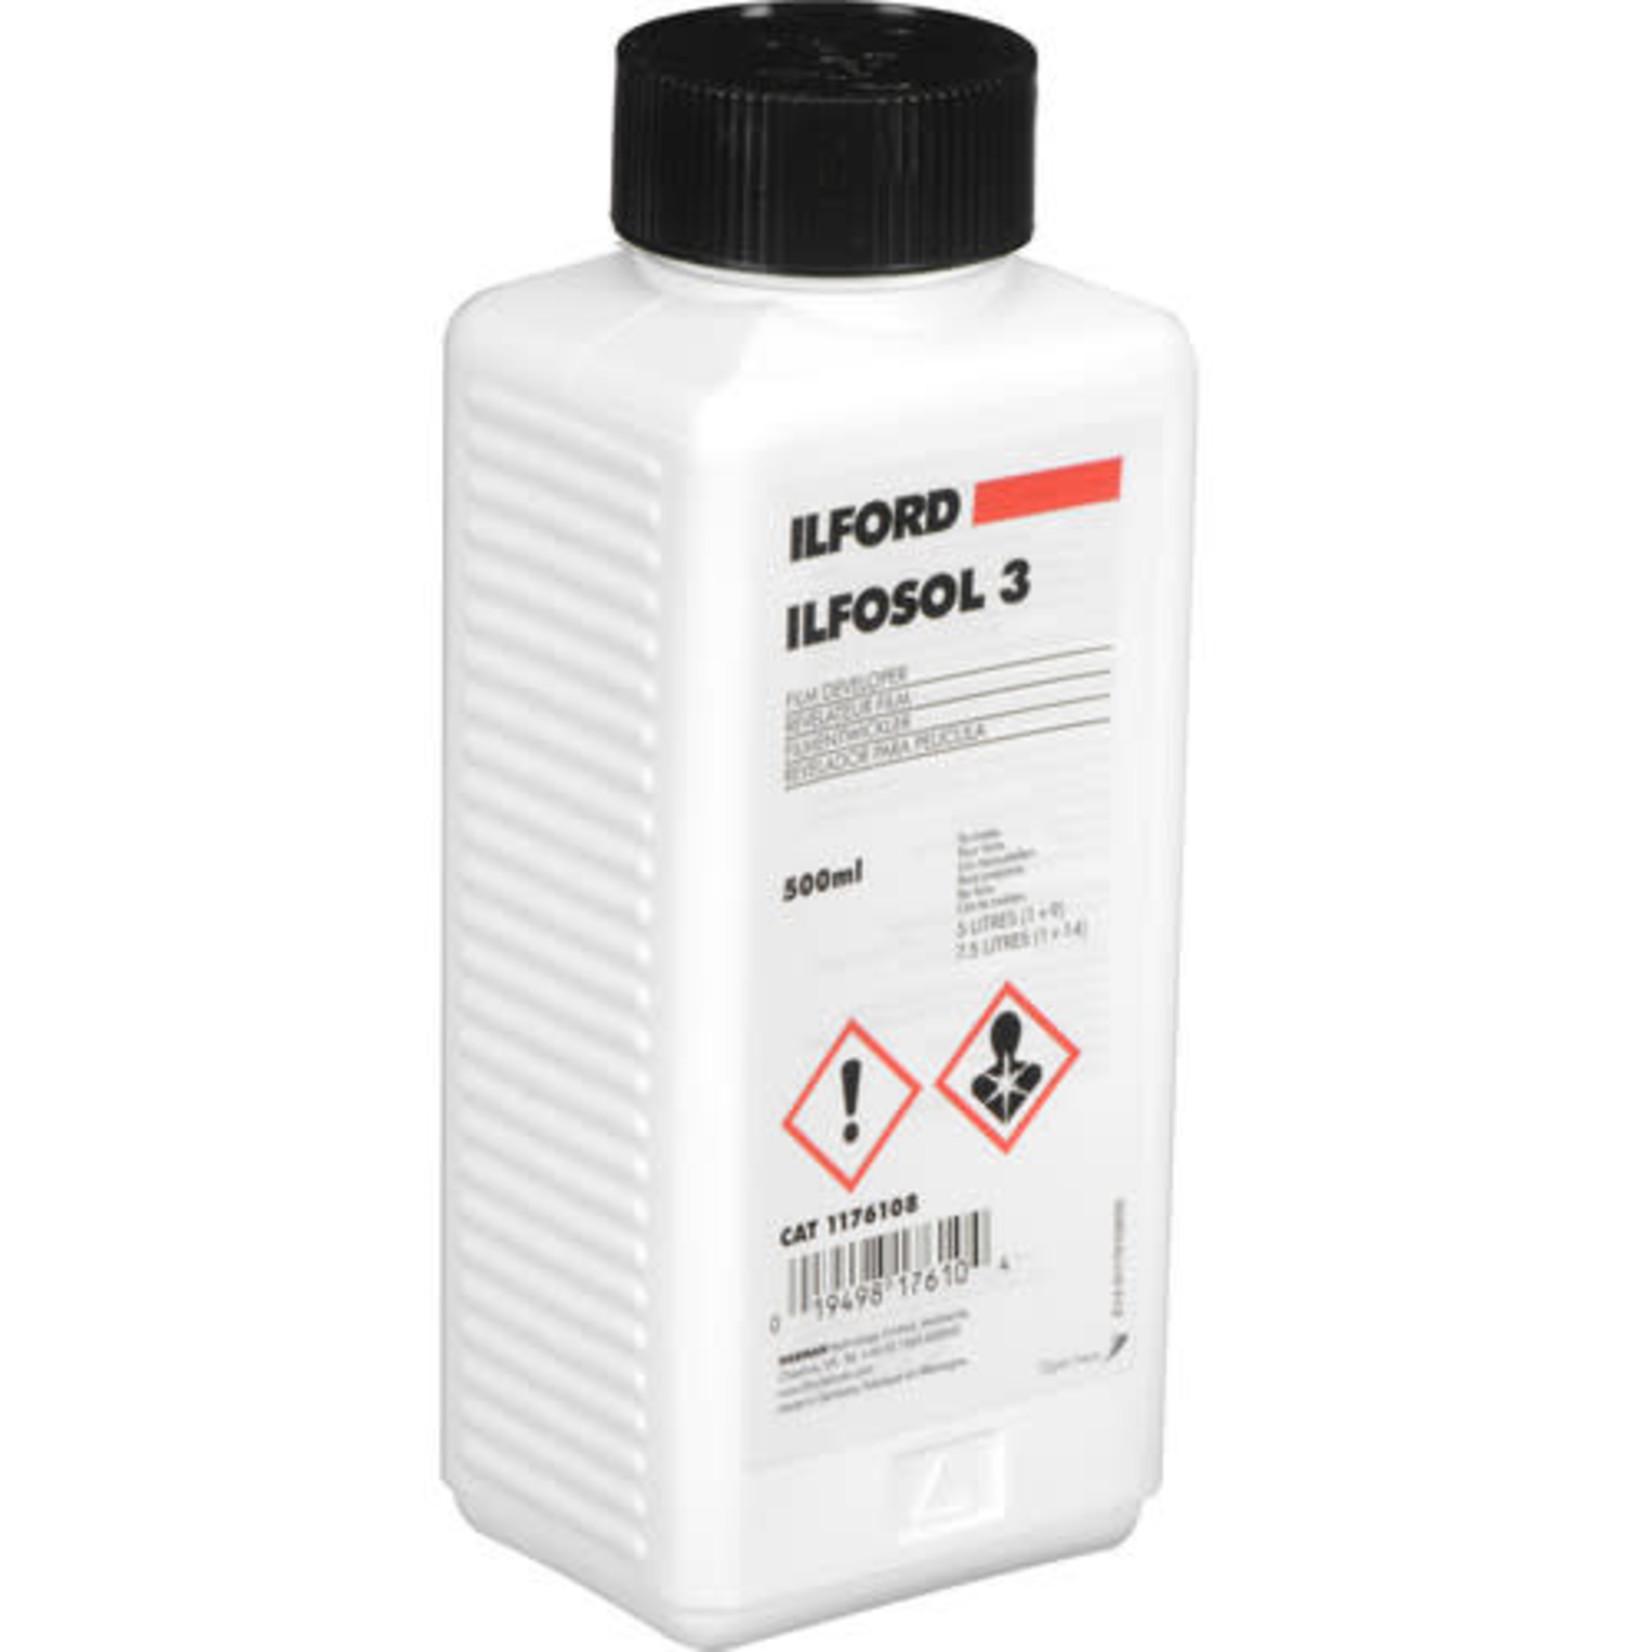 Ilford Ilford Ilfosol-3 Film Developer for Black and White Film (500ml)